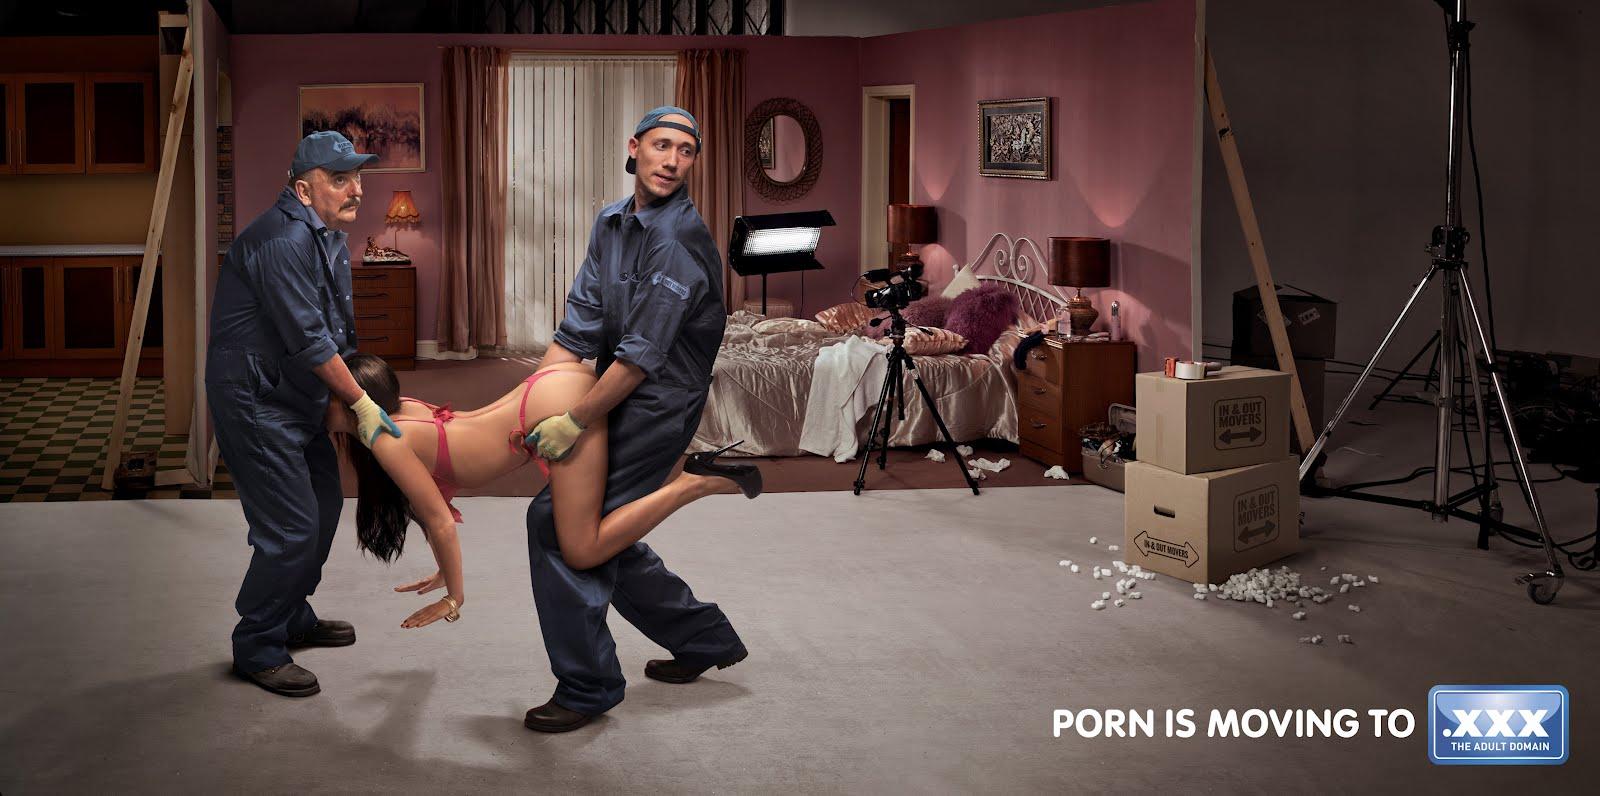 sayt-porno-razvlecheniy